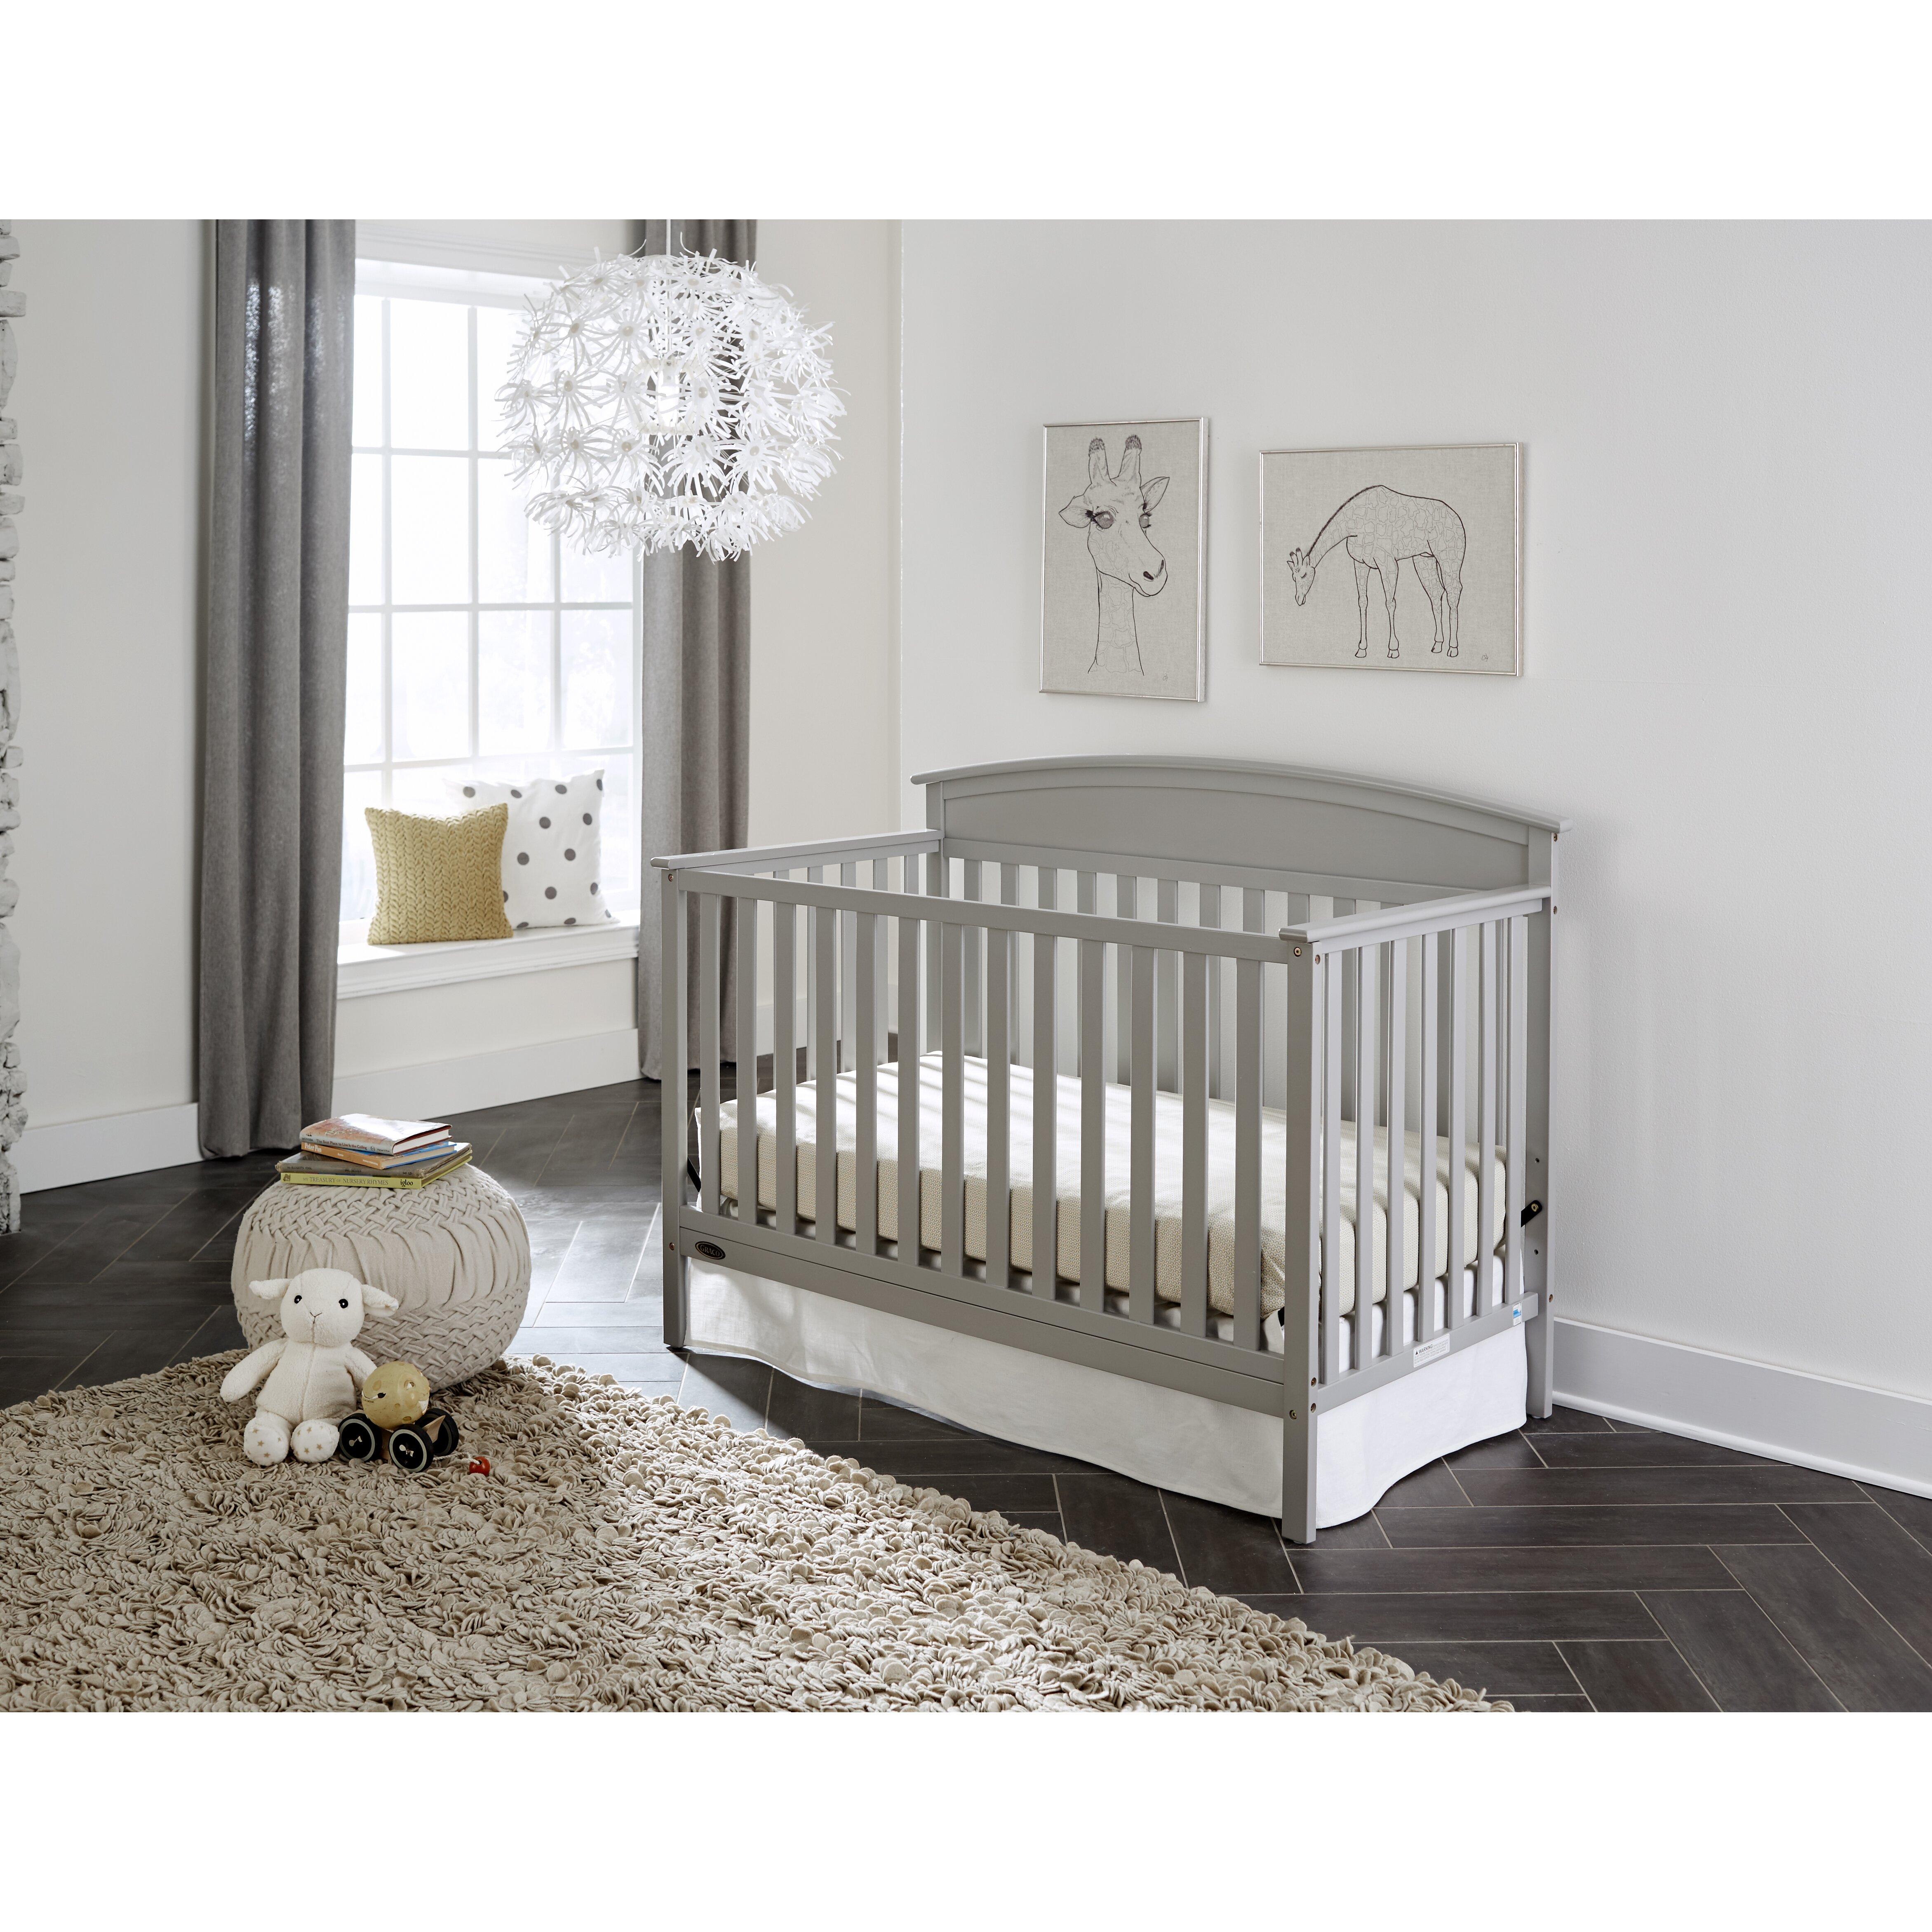 Graco crib for sale manila - Baby Cribs Graco Graco Benton 5 In 1 Convertible Crib